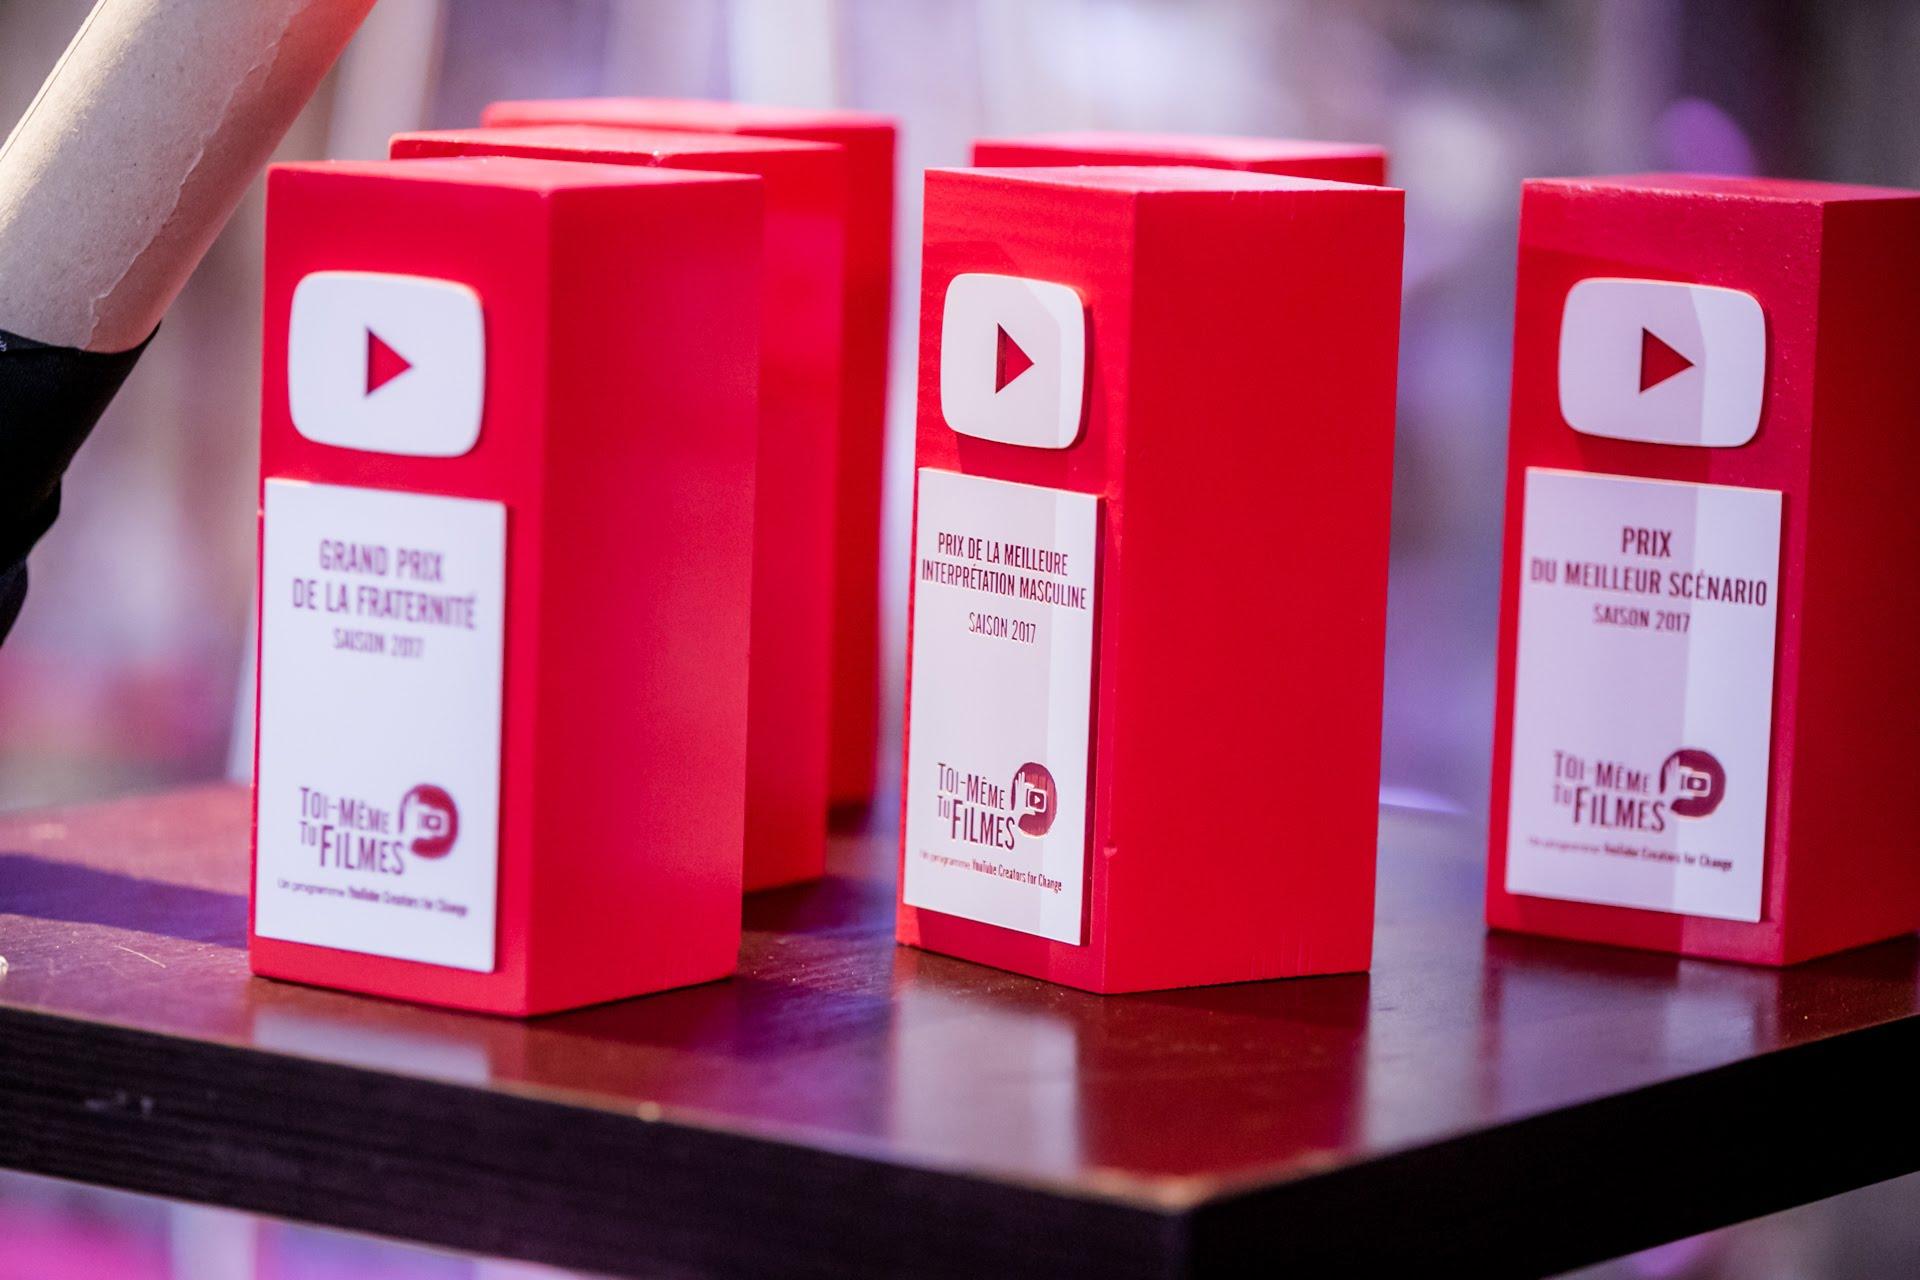 """Trophées Youtube pour l'évènement """"Toi-même tu filmes"""" - saison 2017"""